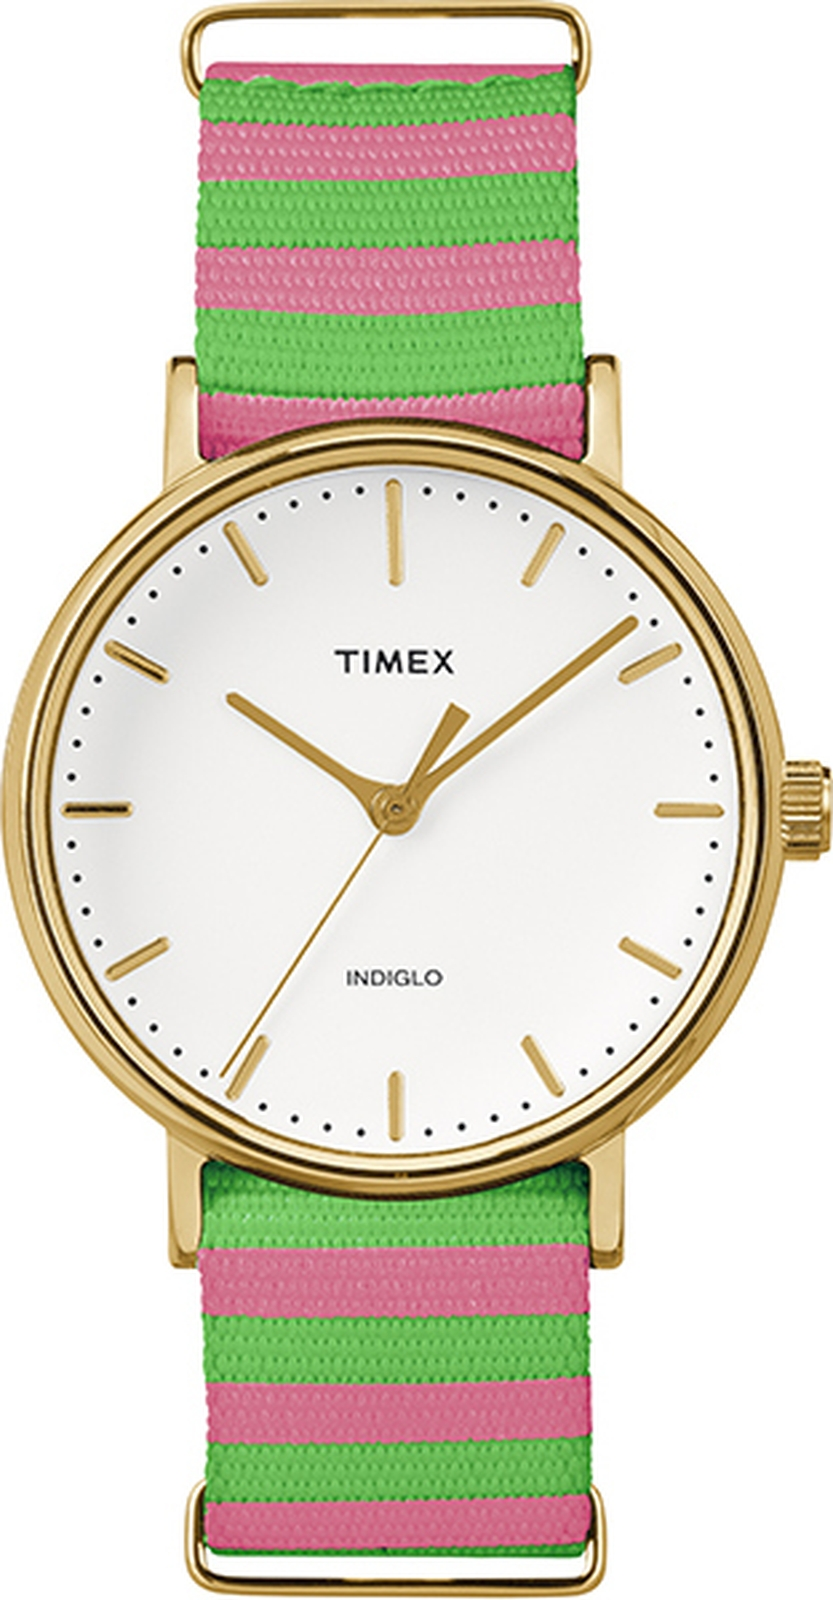 Фото - Наручные часы Timex женские золотой сабо женские thomas munz цвет белый 251 017a 1104 размер 37